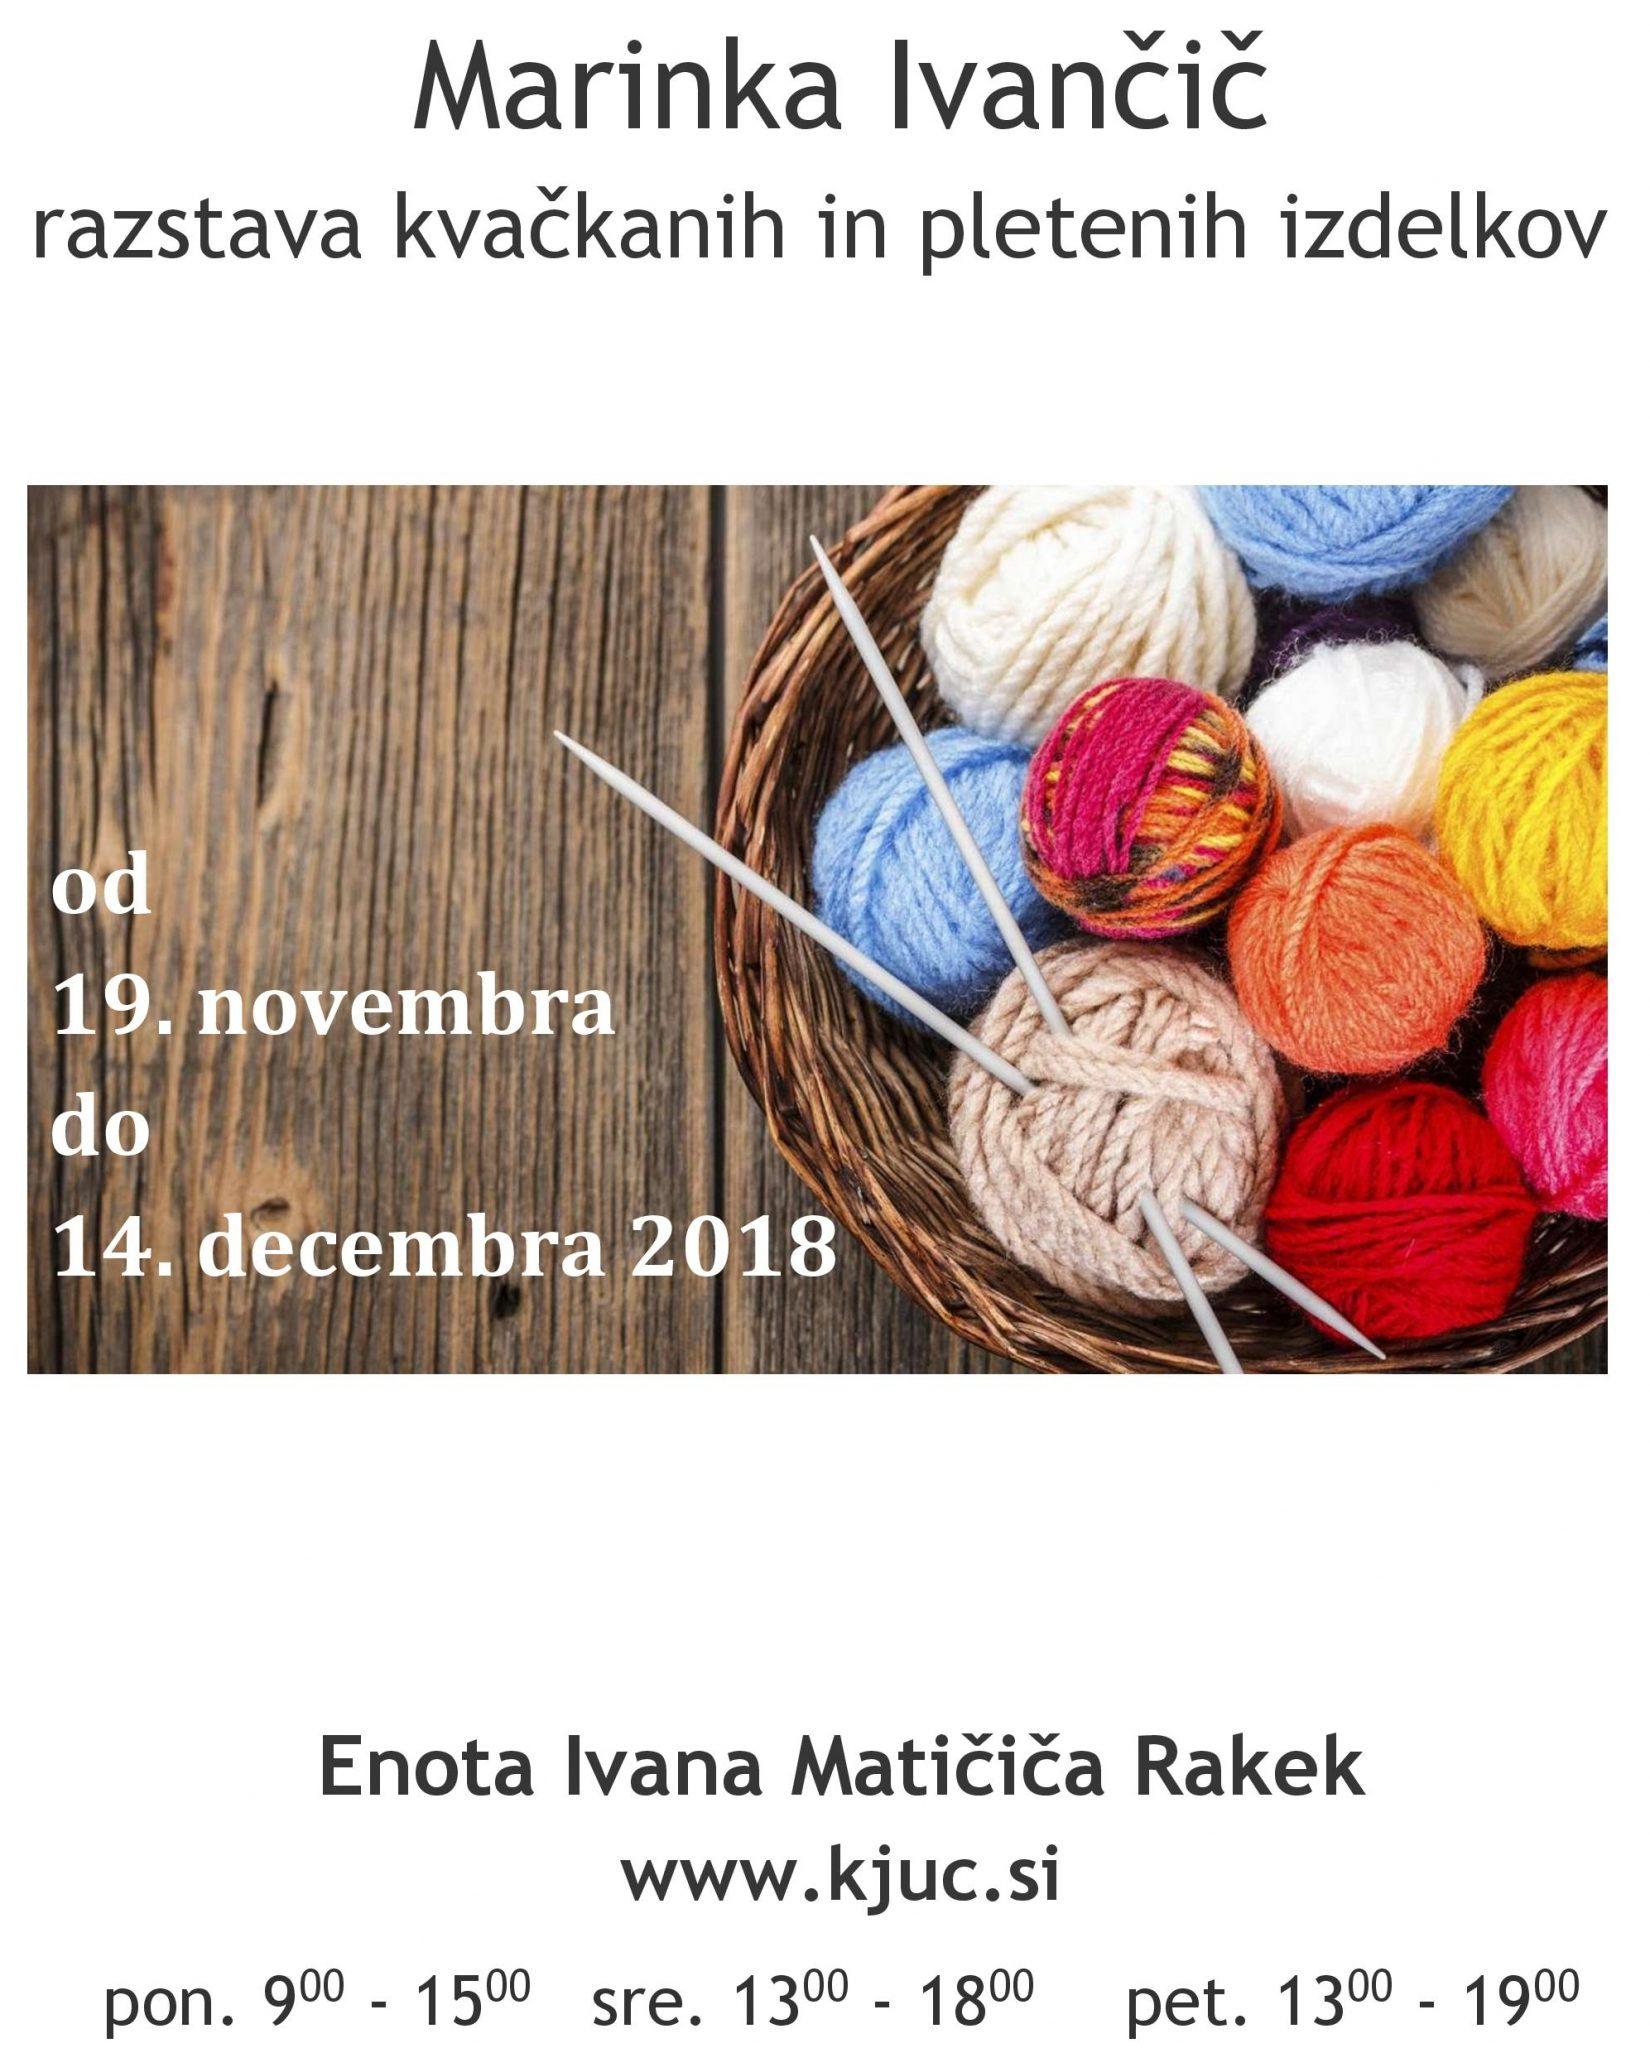 cover 7 - Marinka Ivančič - razstava kvačkanih in pletenih izdelkov